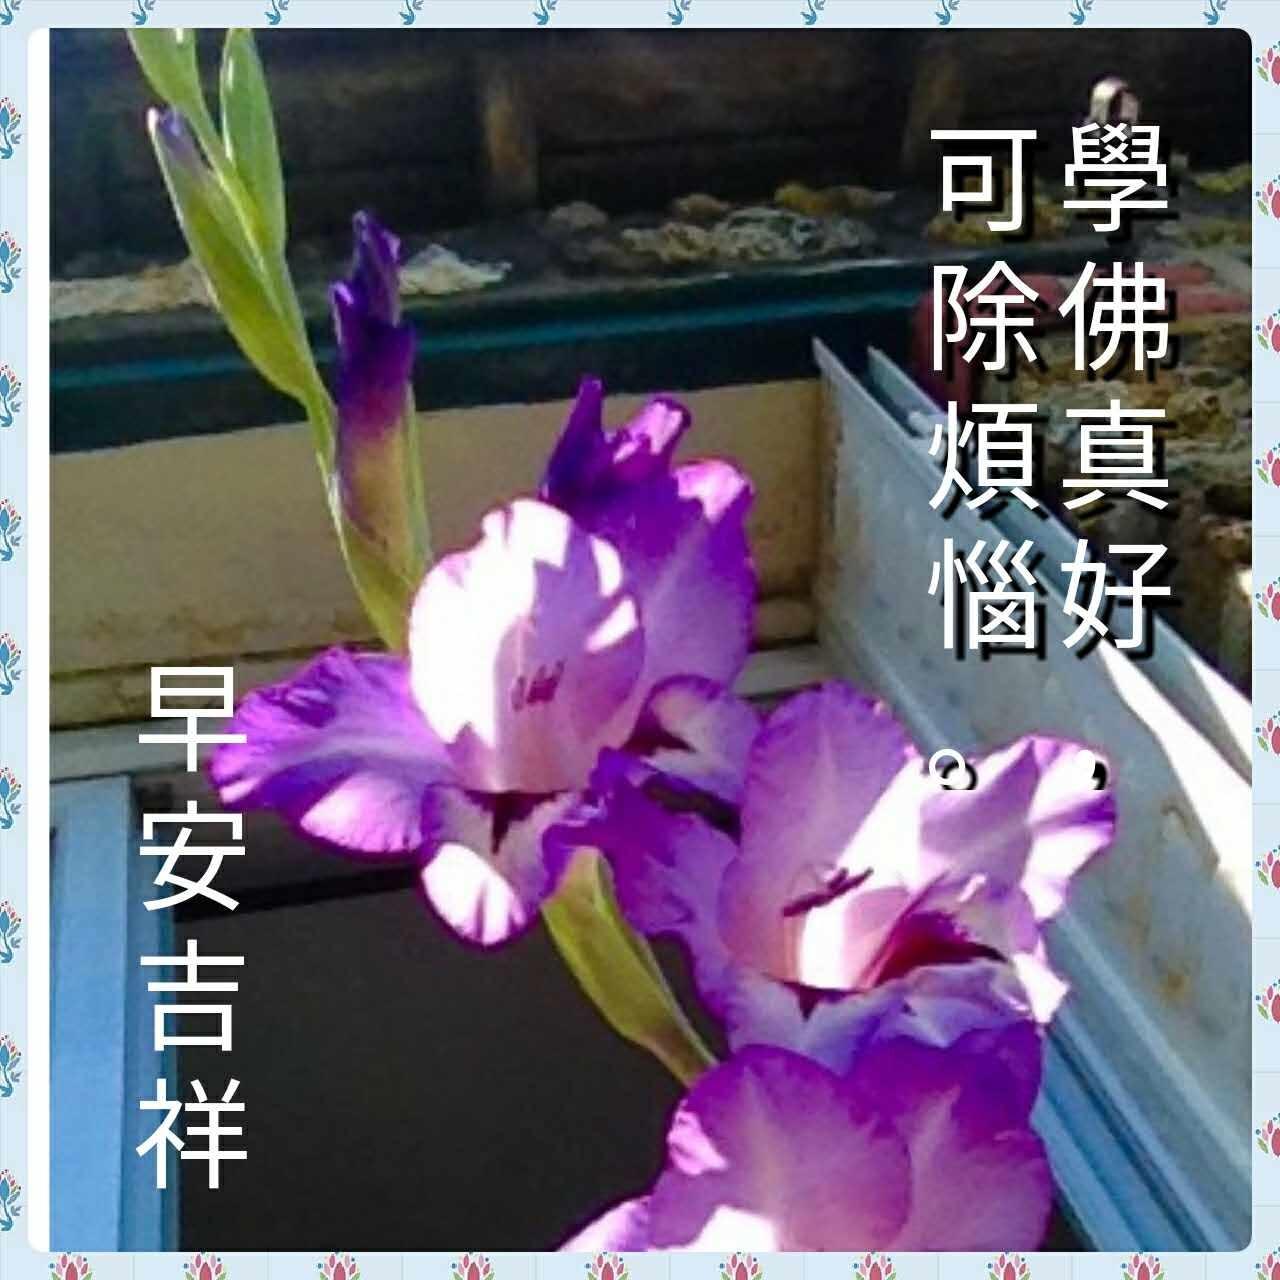 b0348023_09142144.jpg